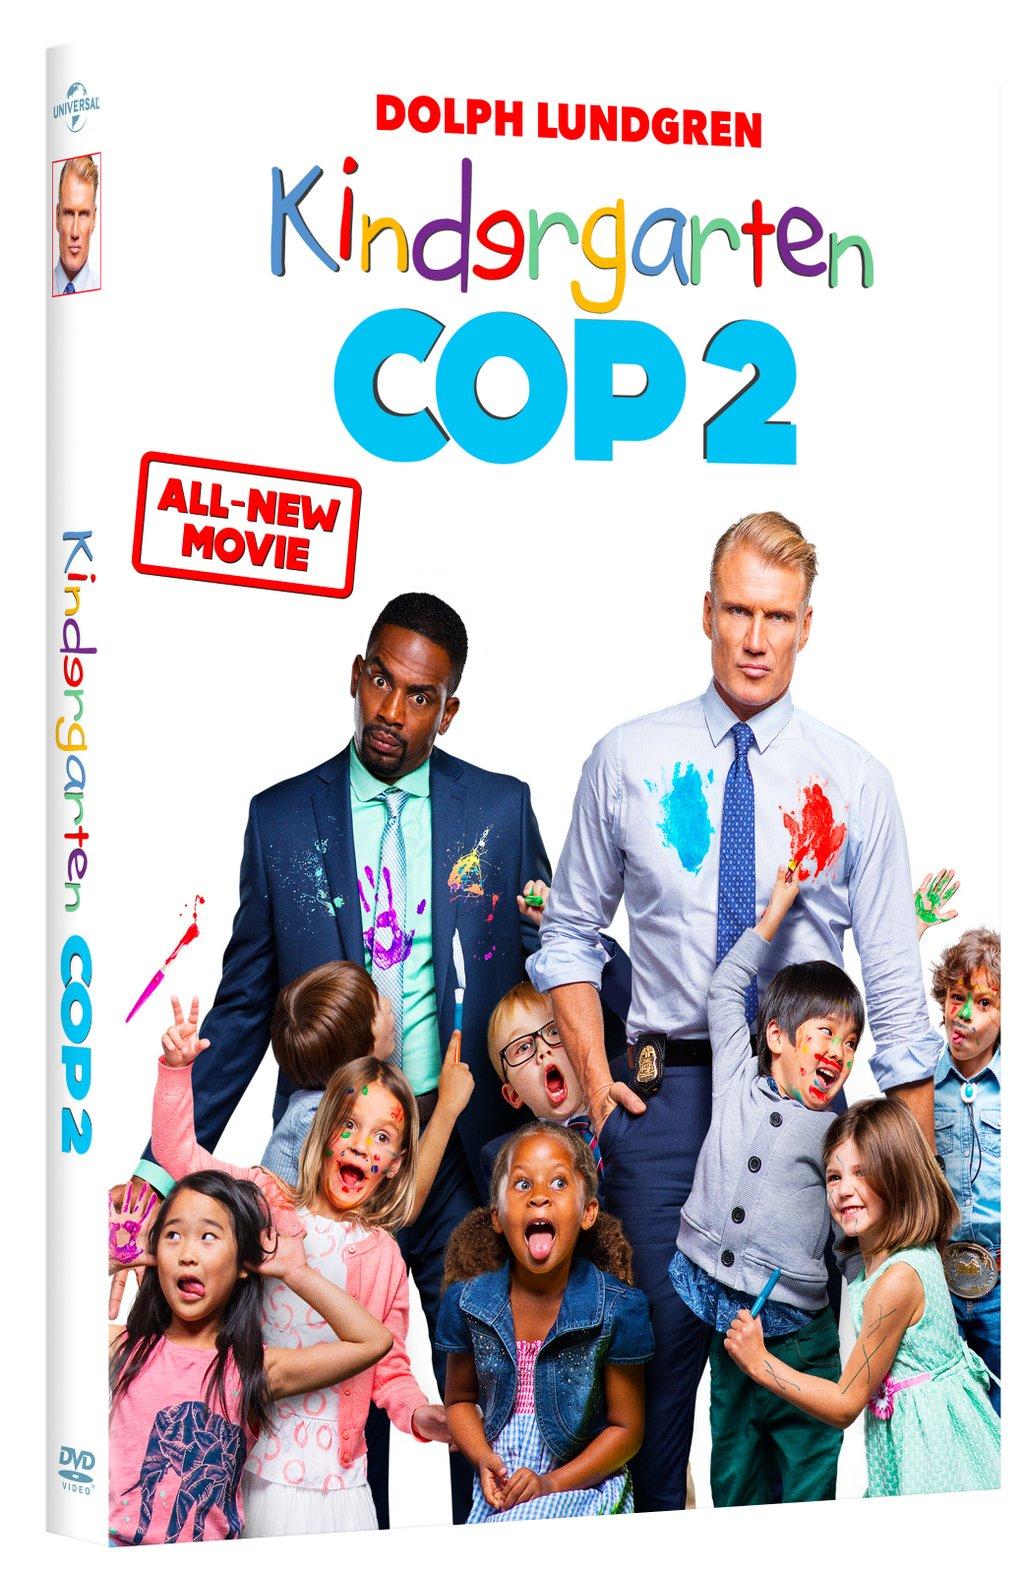 Kindergarden Cop 2 DVD Review